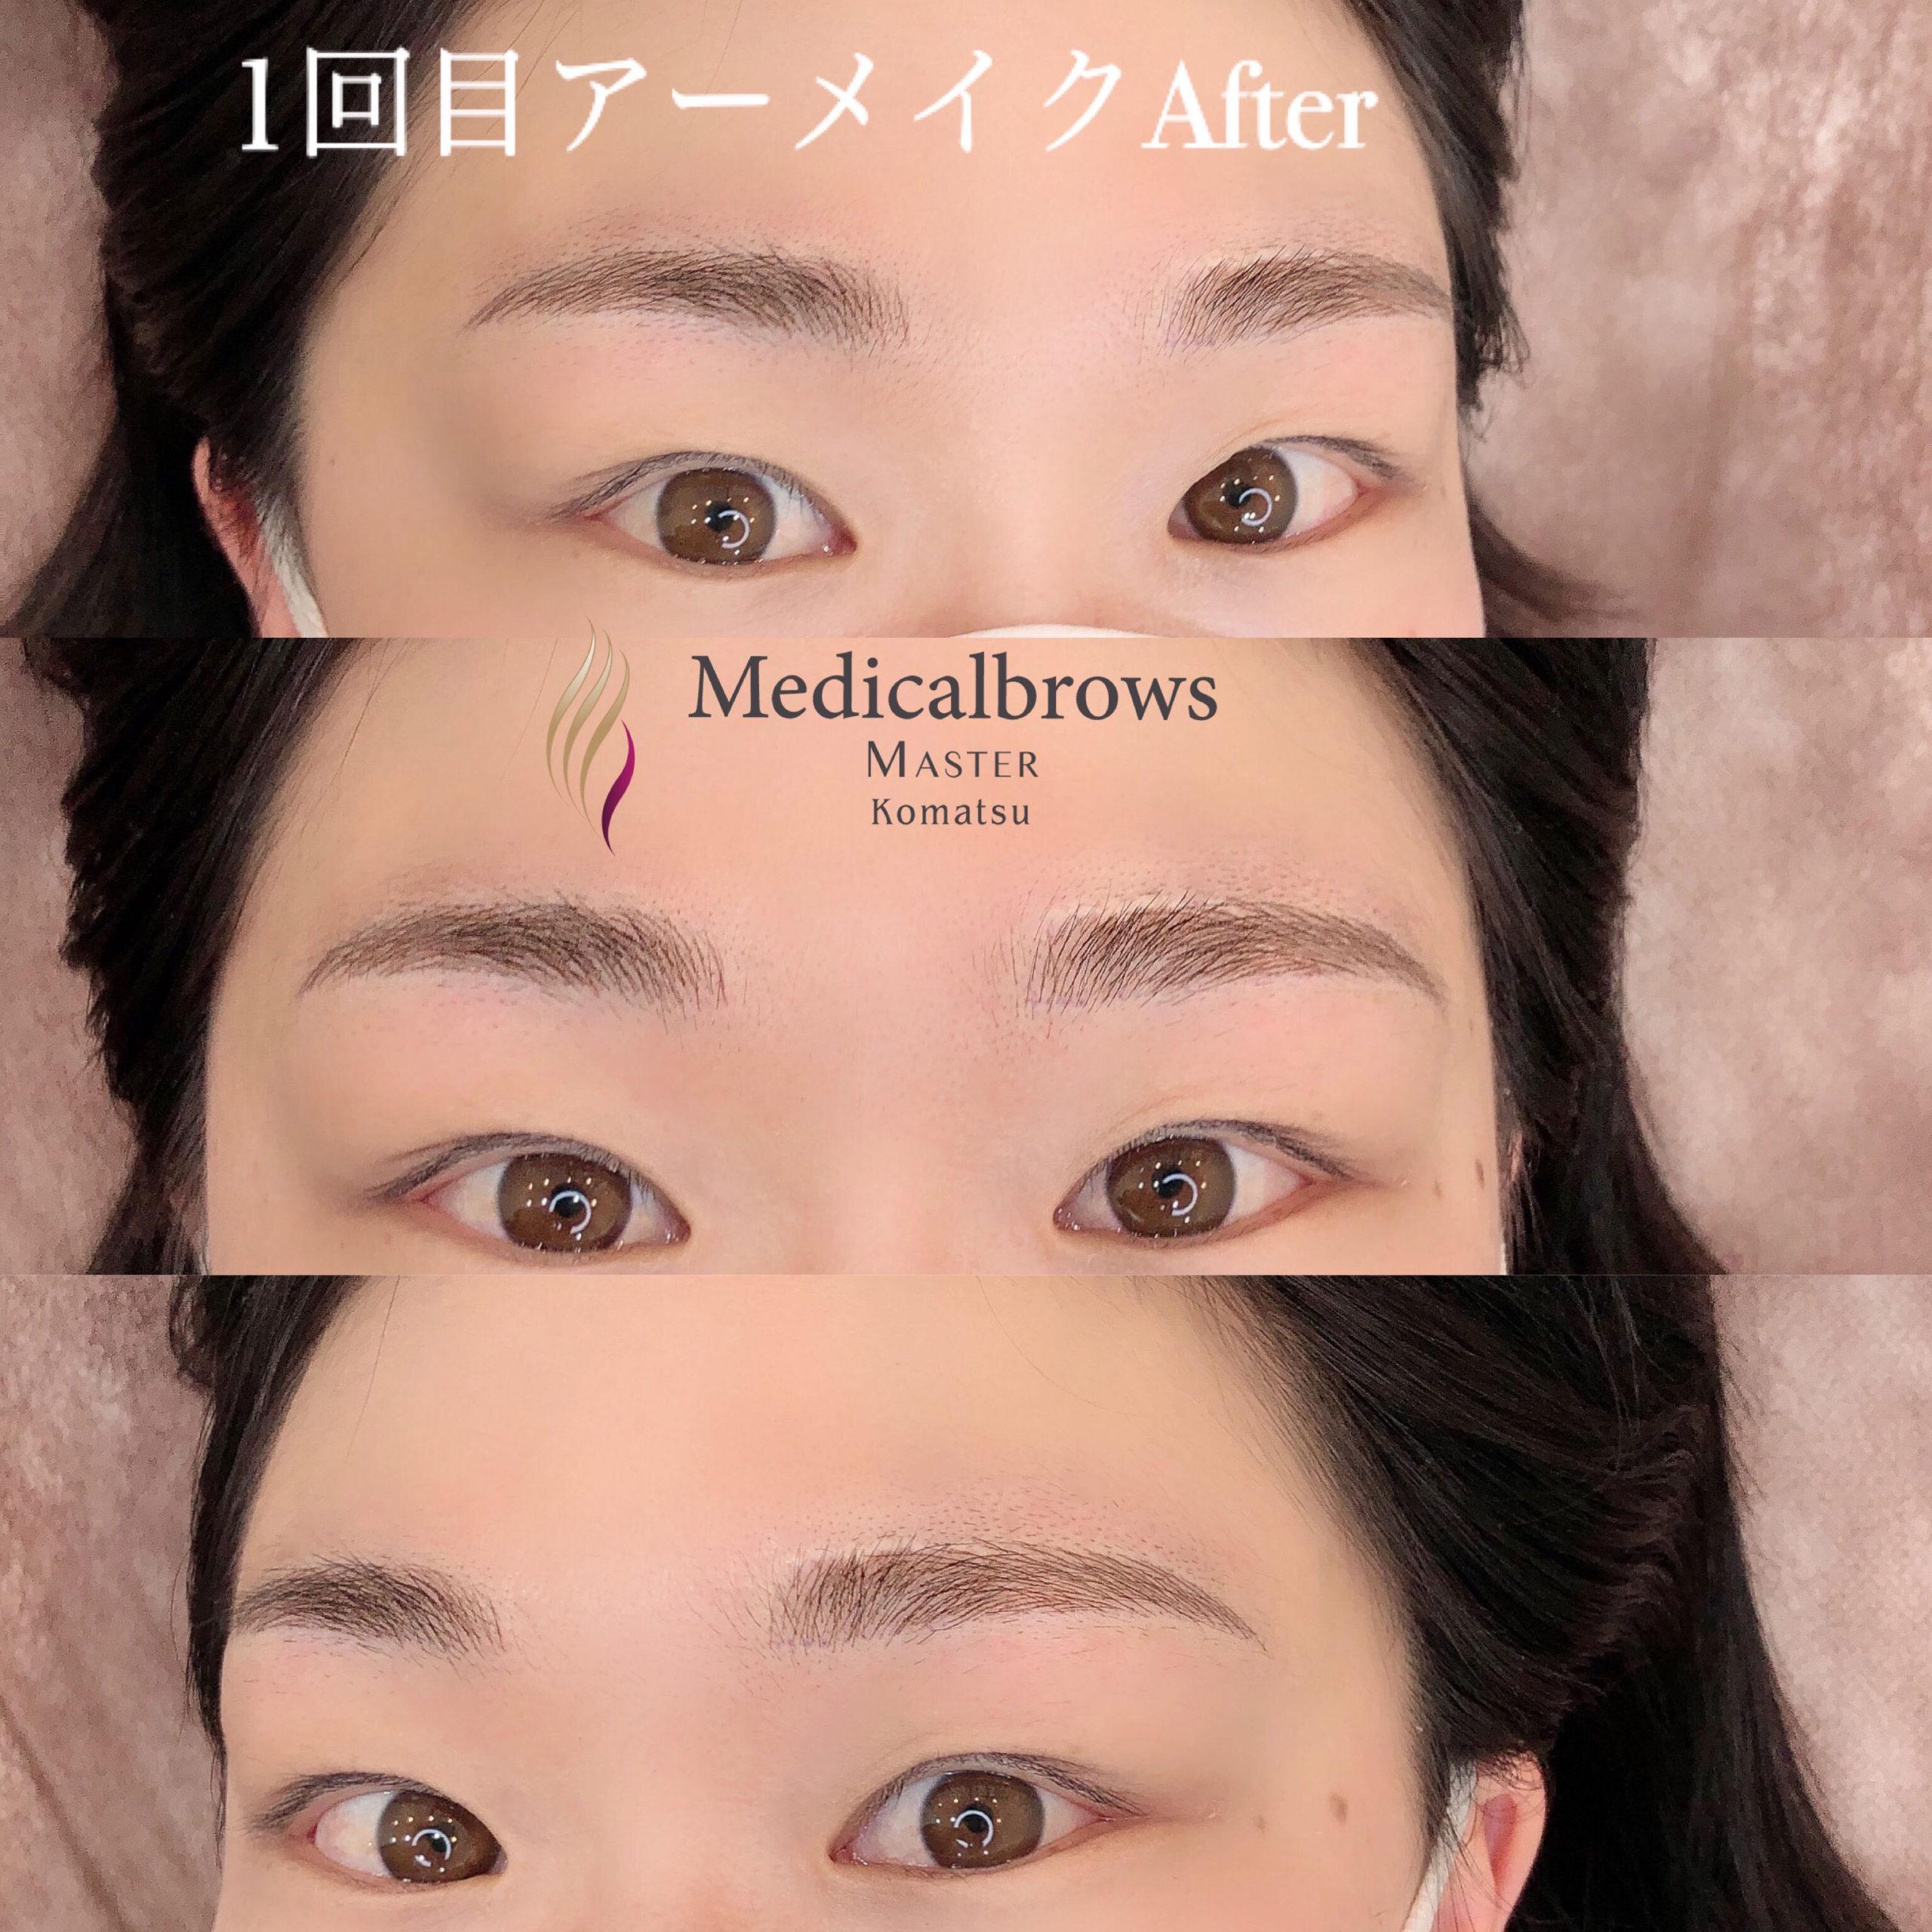 メディカルブロー 小松 症例写真3